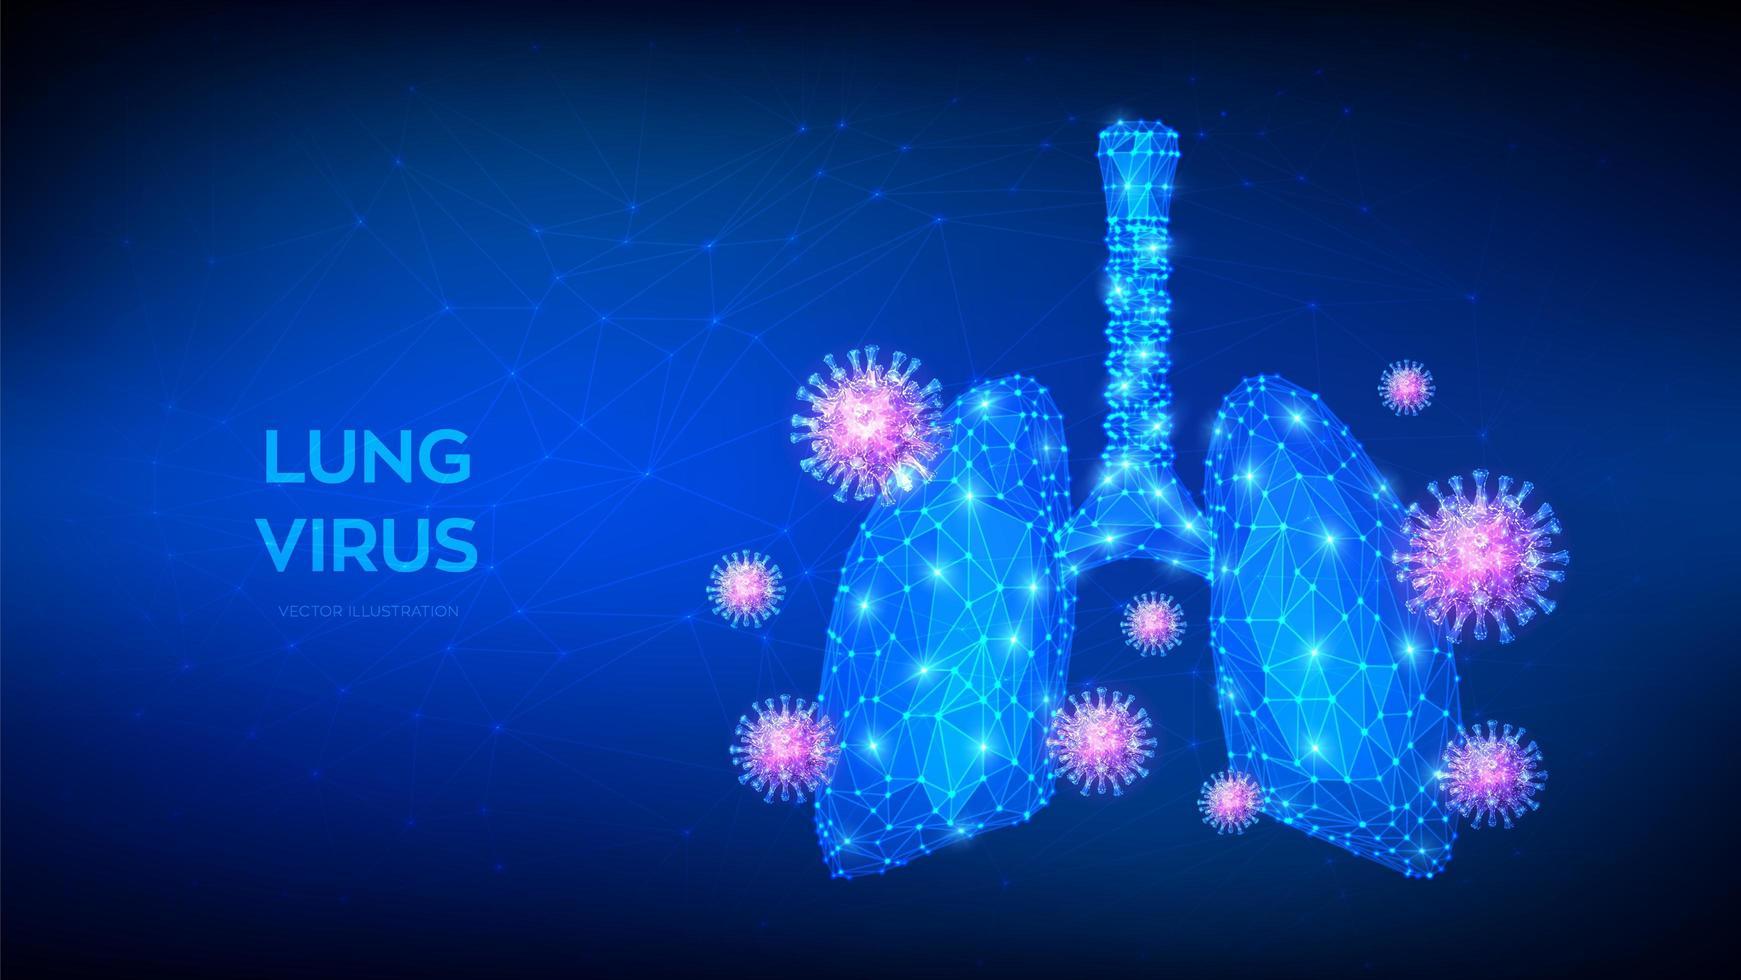 futuristisches Banner der viralen Lungenentzündung vektor